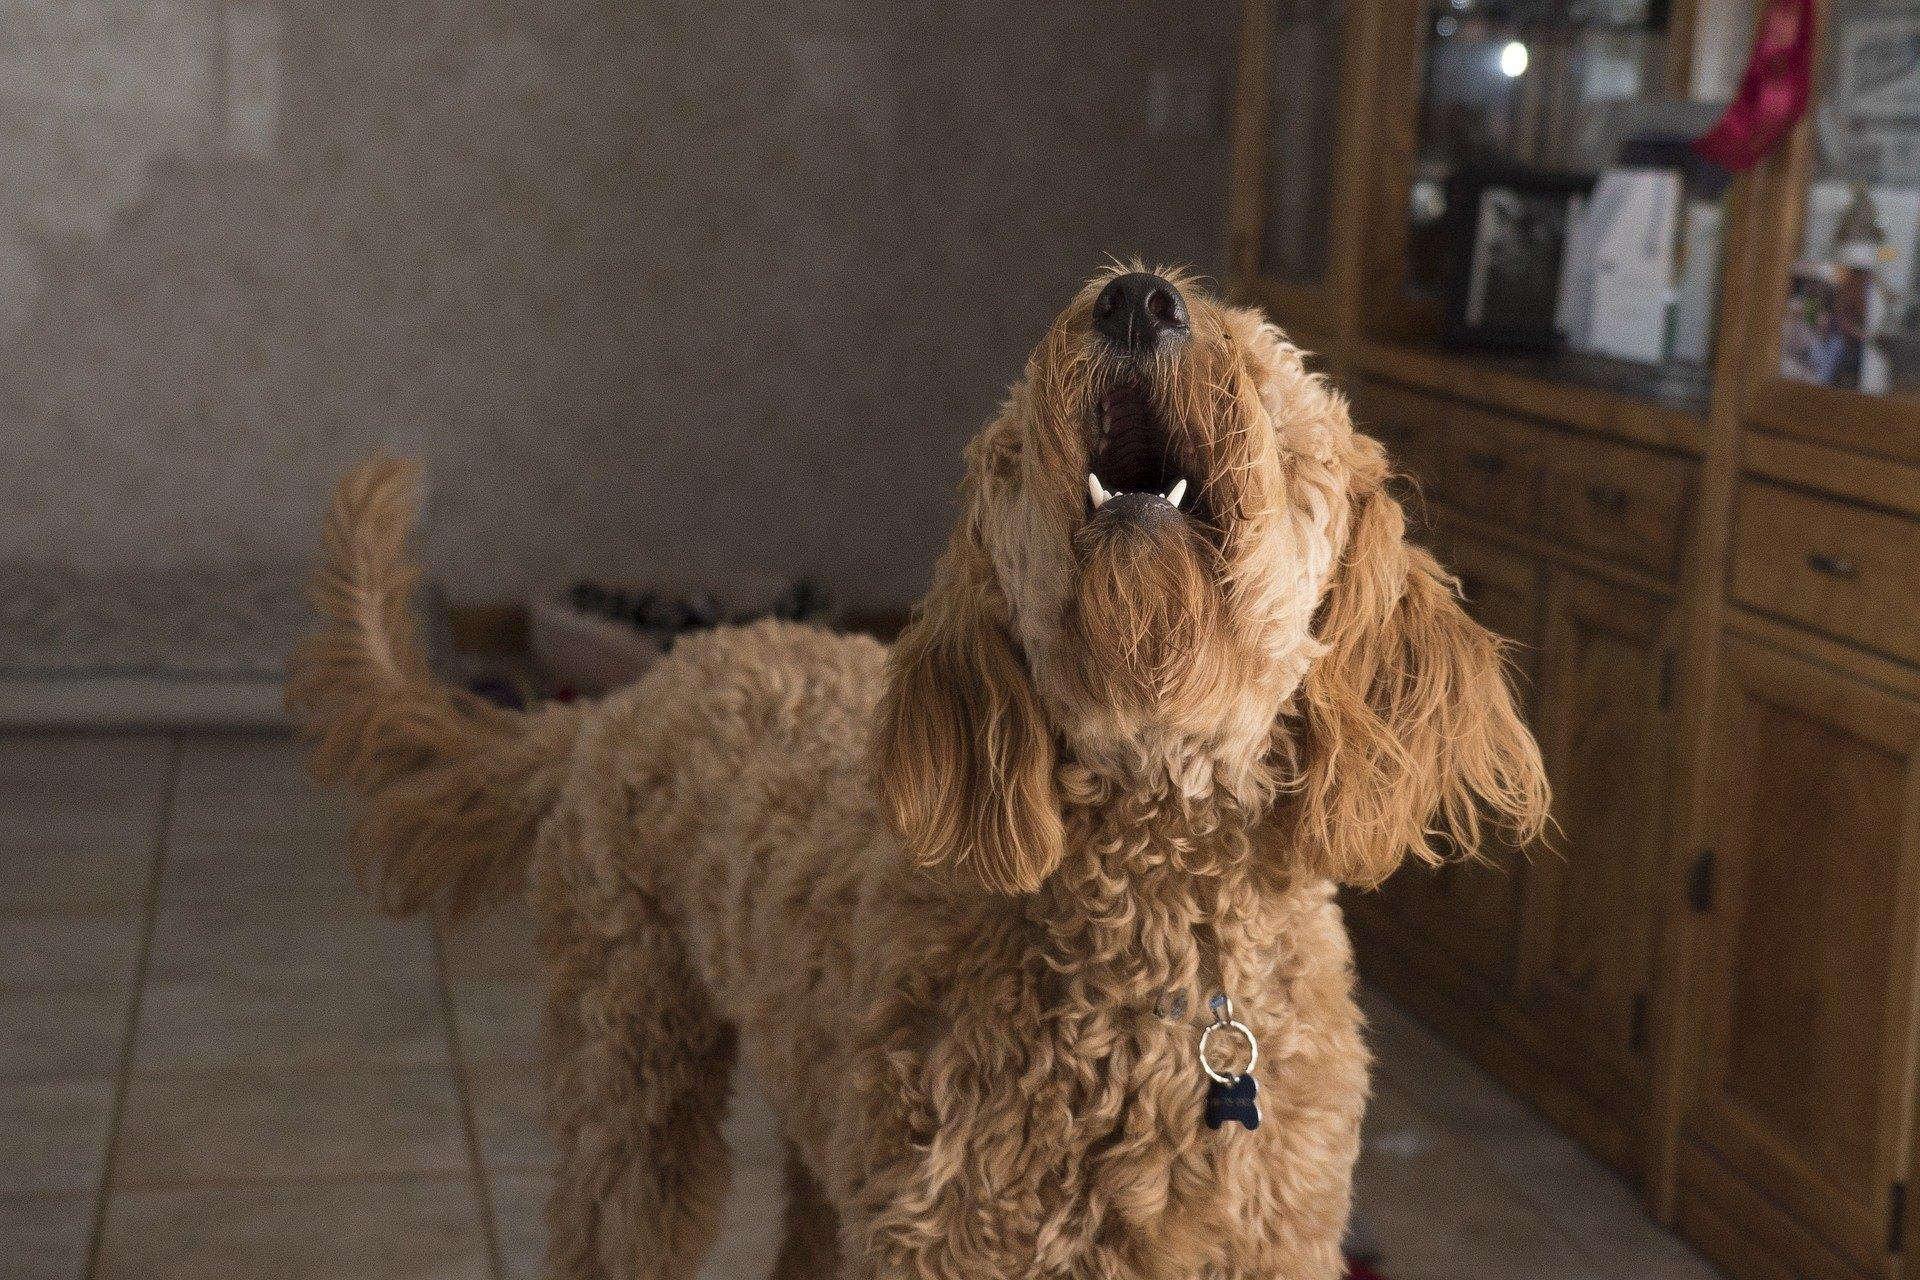 Ein Hund kann aus vielen Gründen heulen. Dieses Verhalten bedeutet Langeweile, Trennungsangst, Schmerz und kann sogar eine Reaktion auf einen Reiz sein.